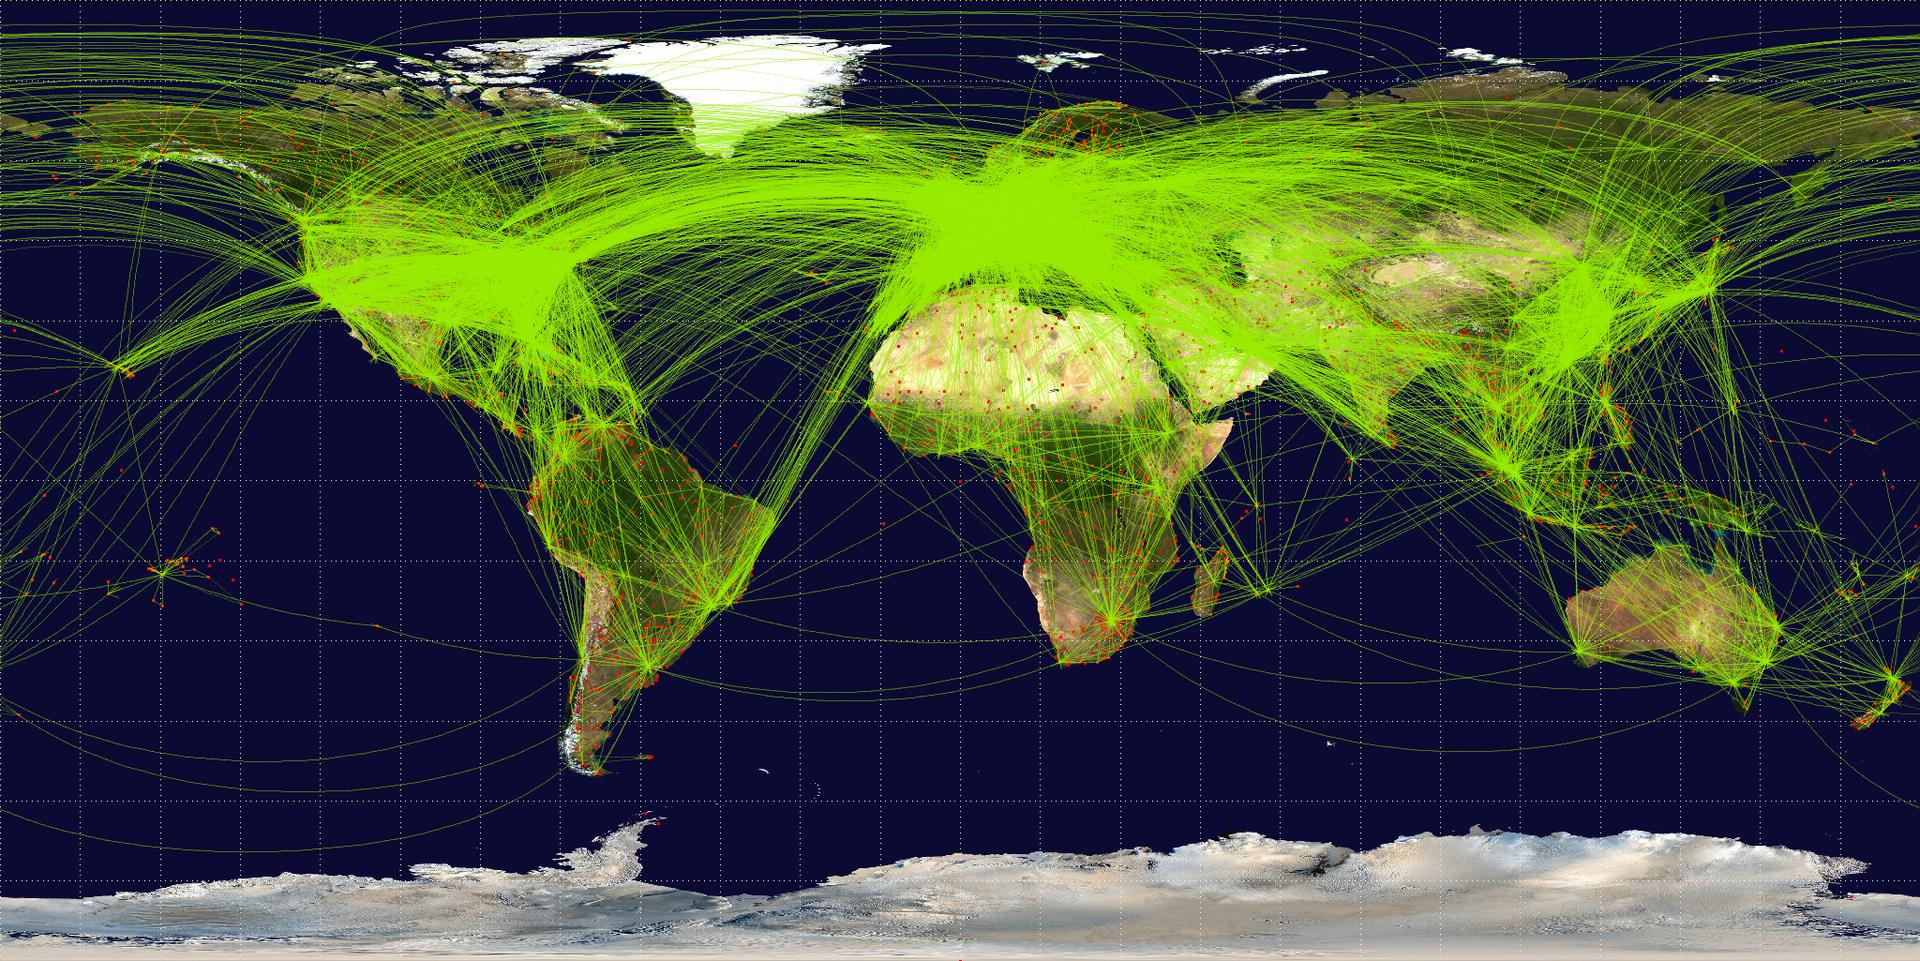 定期航空便路線図(2009年)